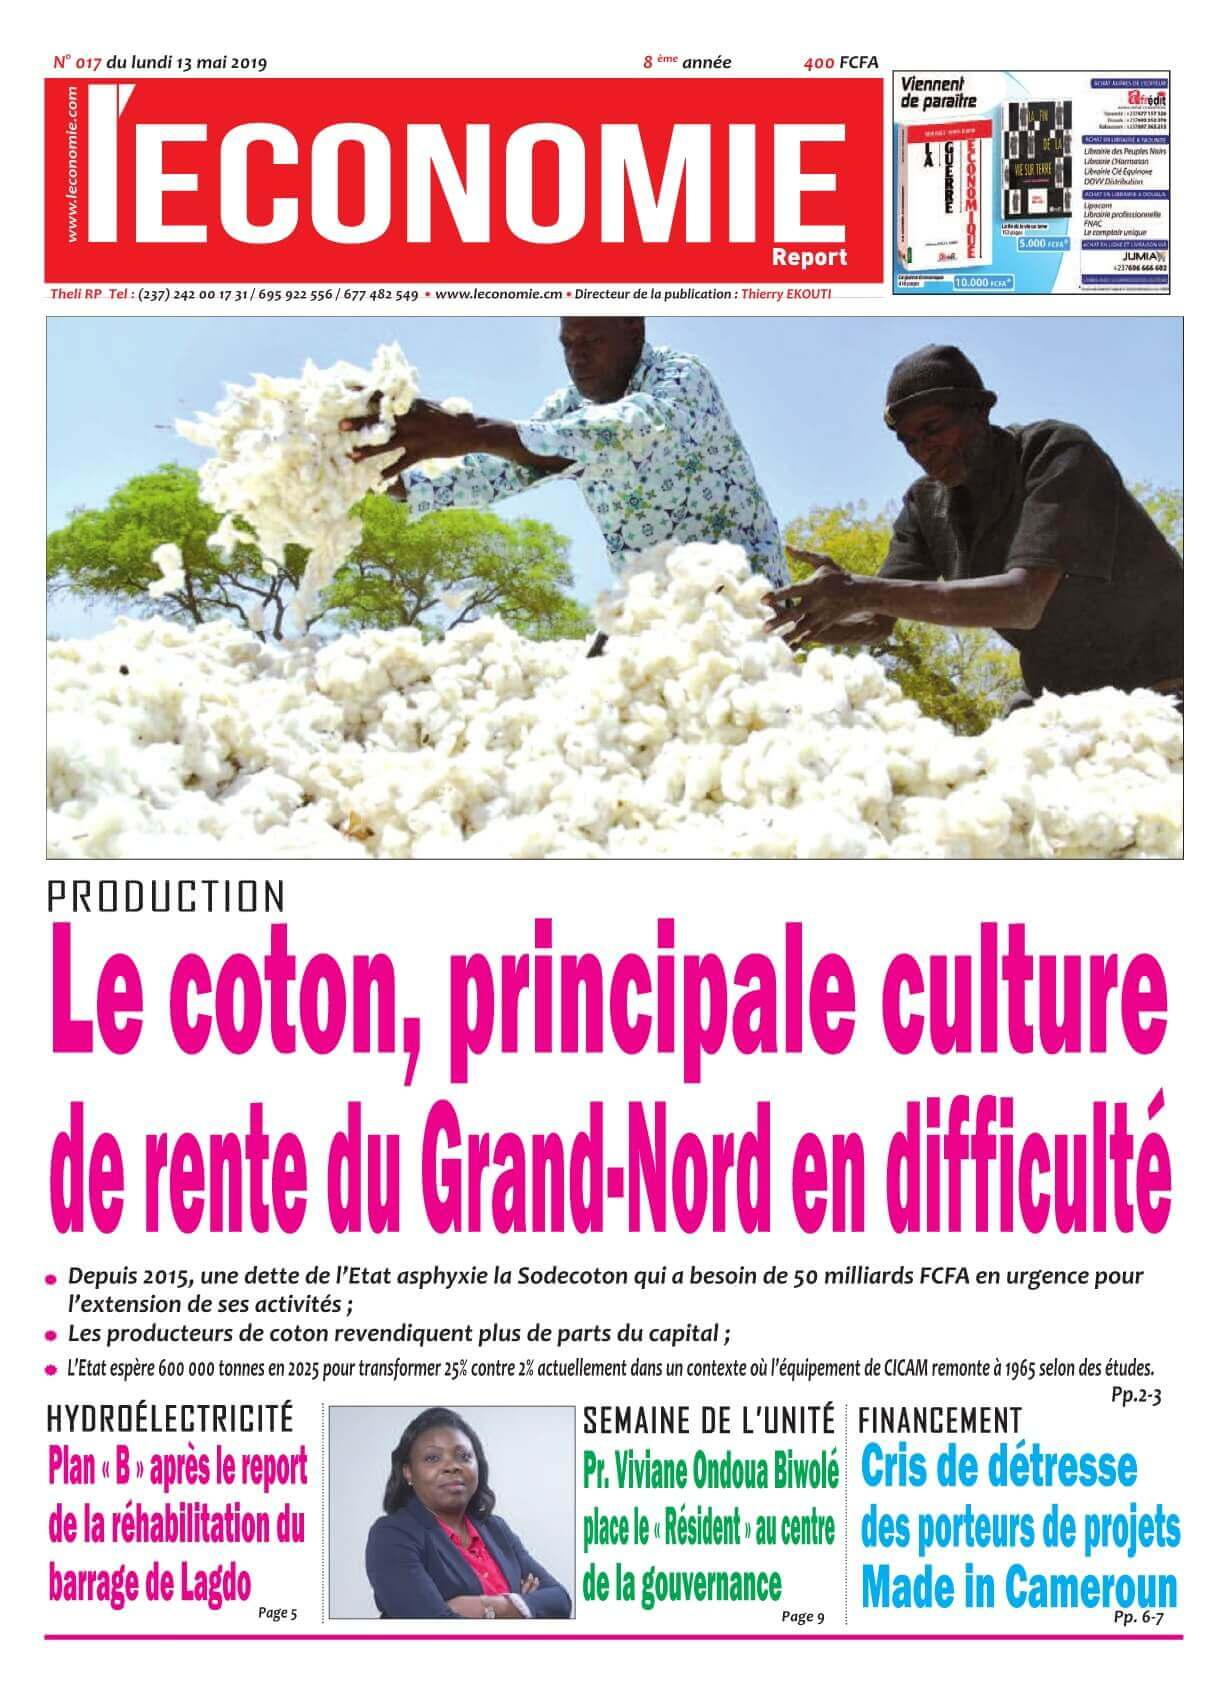 Le Quotidien de l'Economie - 13/05/2019